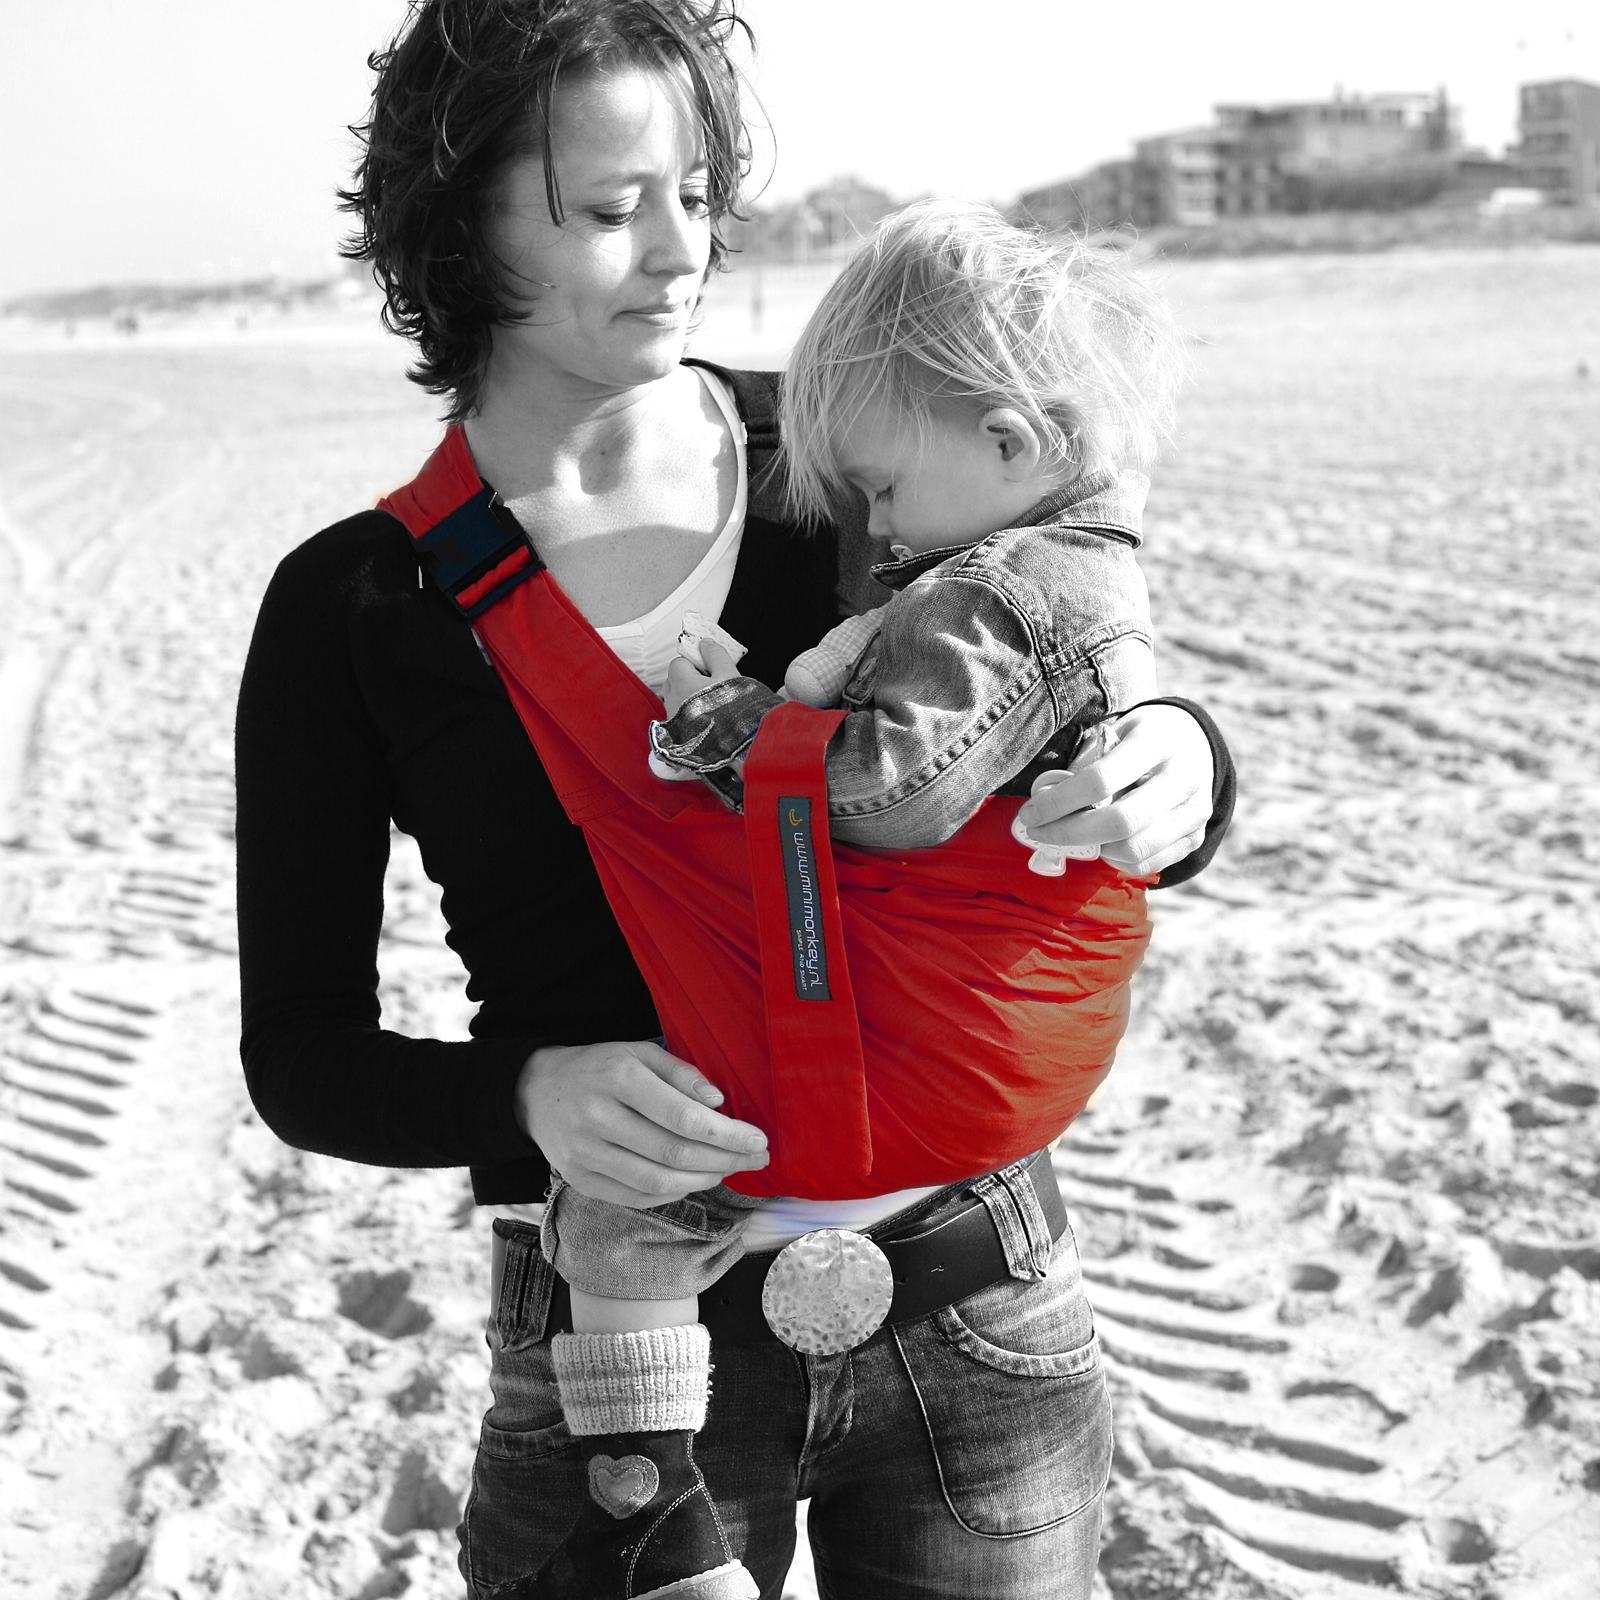 a24dae66e2a Porte bébé Baby Sling rouge   Minimonkey - Berceau Magique